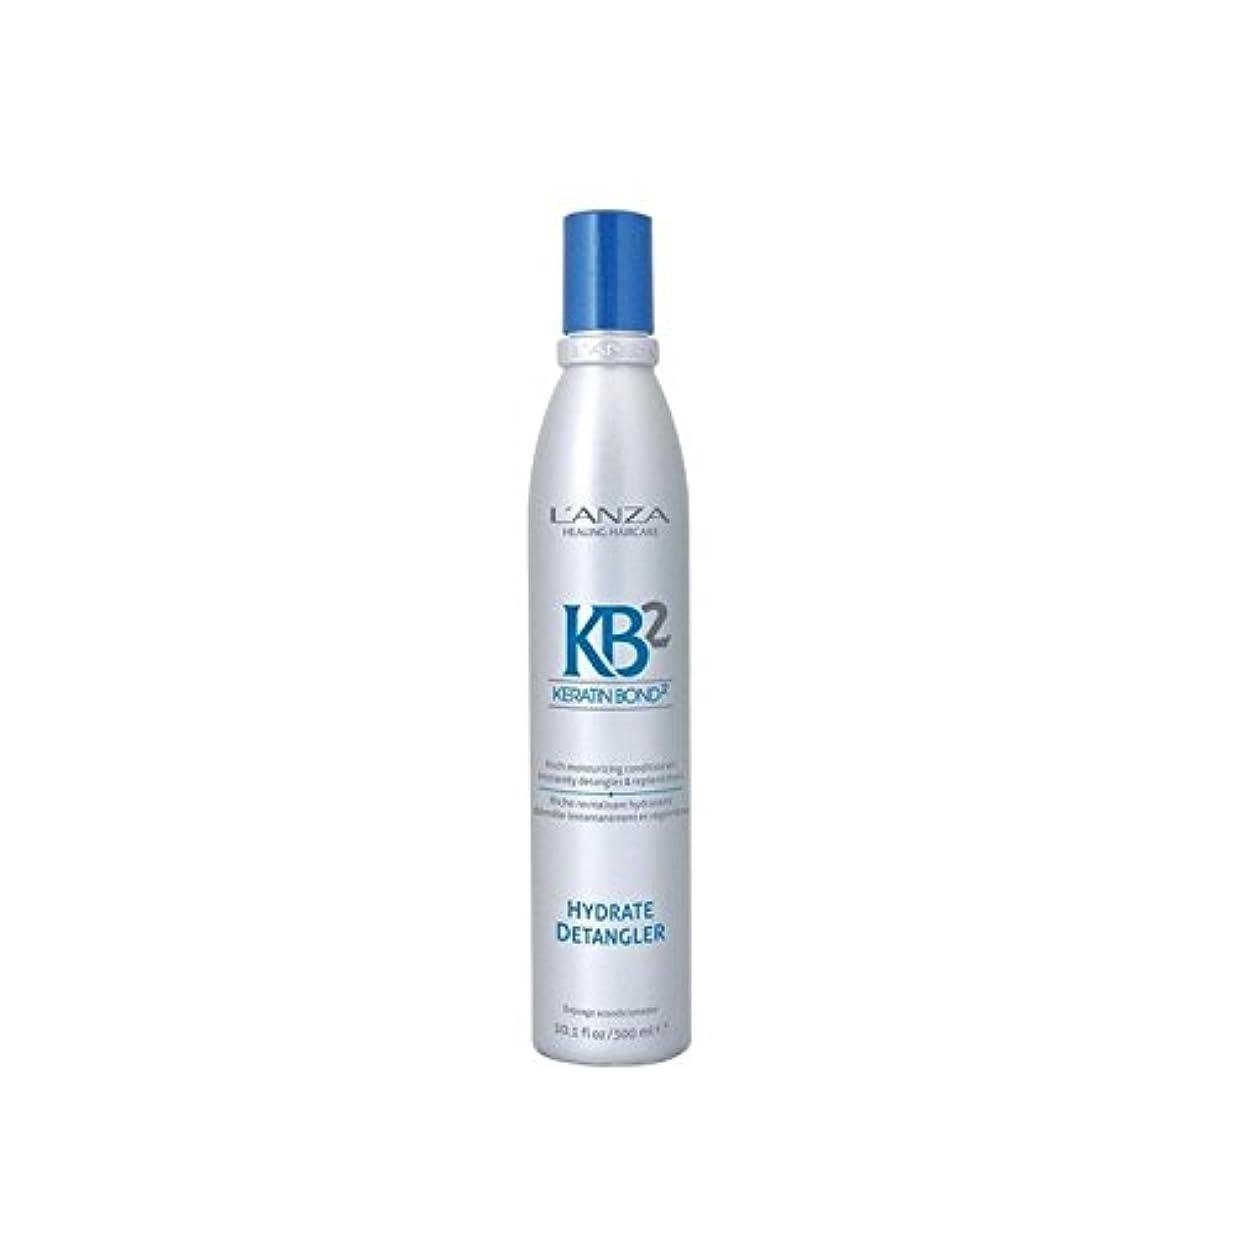 フラスコ誘惑する顕現アンザ2和物(300ミリリットル) x2 - L'Anza Kb2 Hydrate Detangler (300ml) (Pack of 2) [並行輸入品]